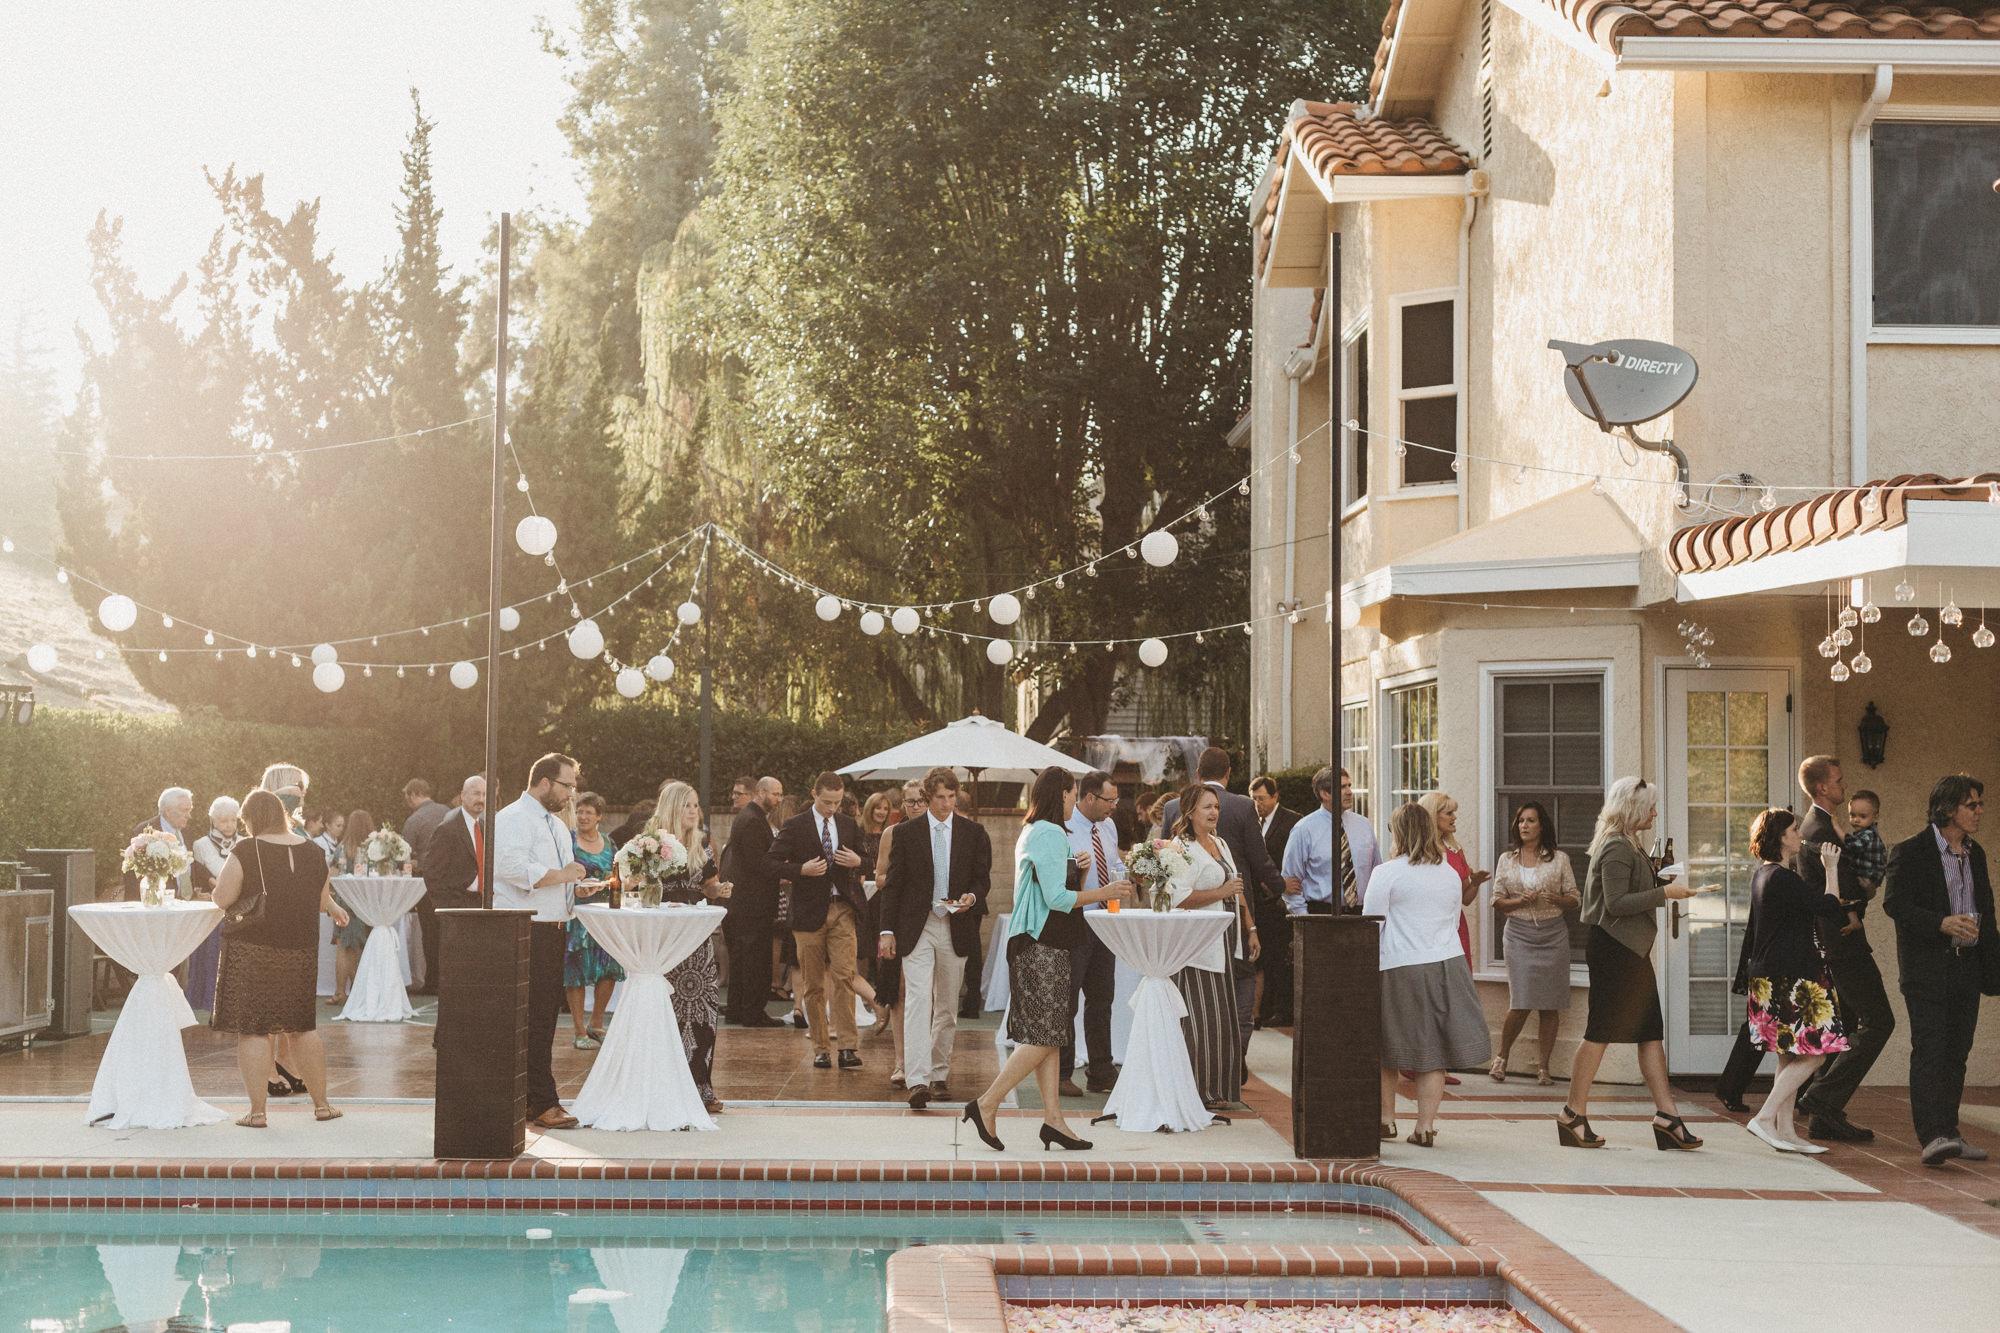 los_angeles_mormon_temple_wedding-34.jpg